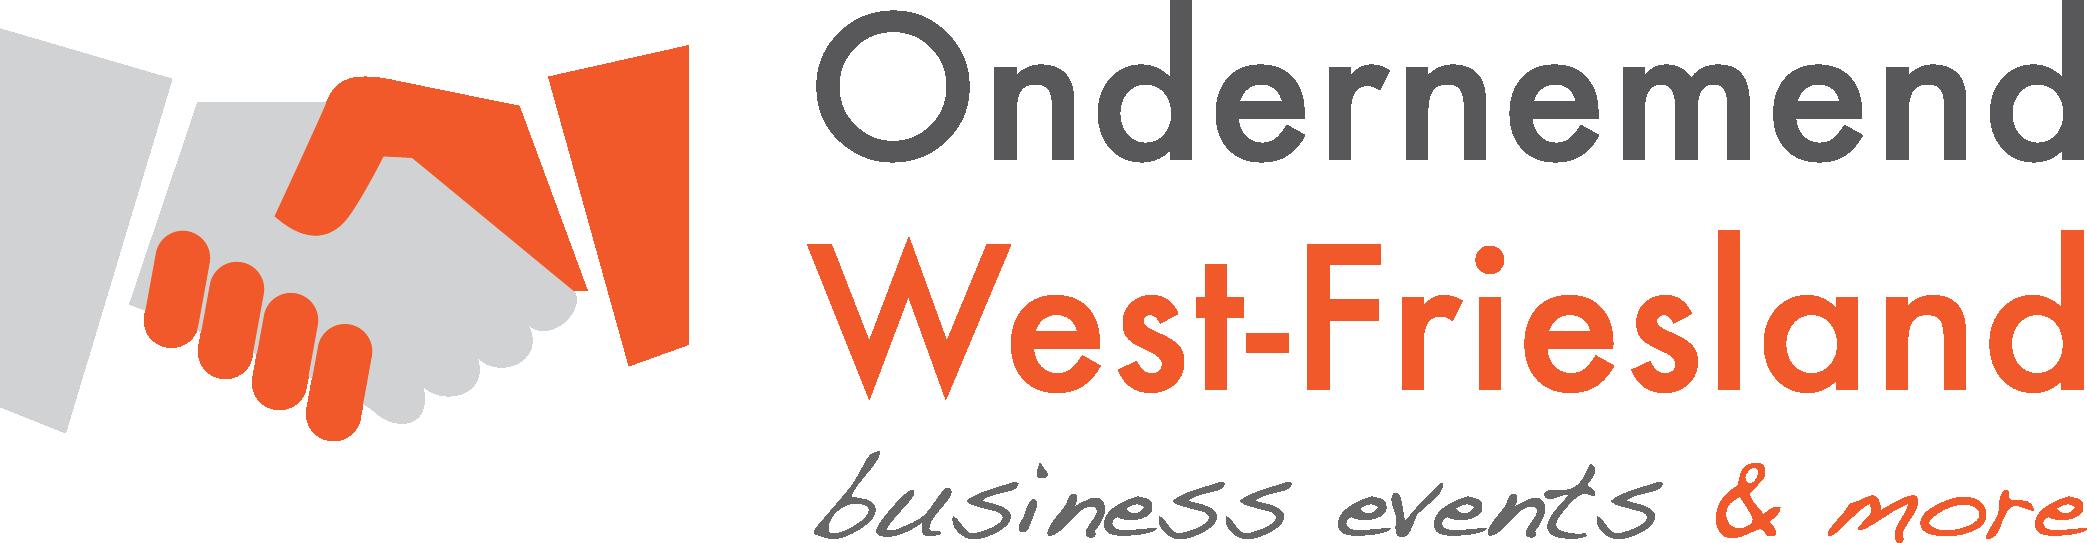 Ondernemend West-Friesland